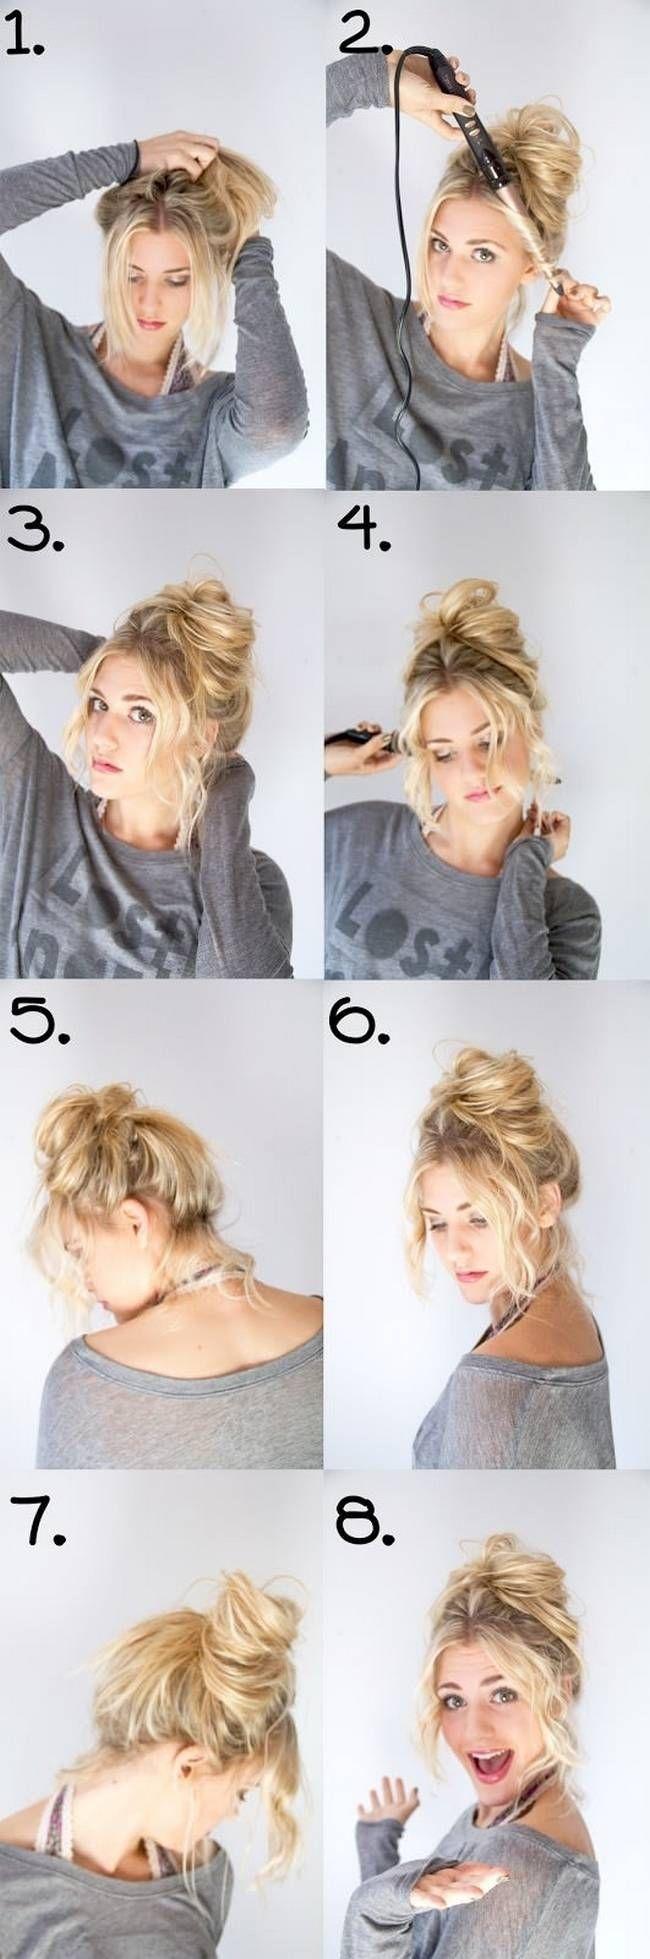 belle idée coiffure facile et rapide pour femme 12 via http://ift.tt/2axo7TJ